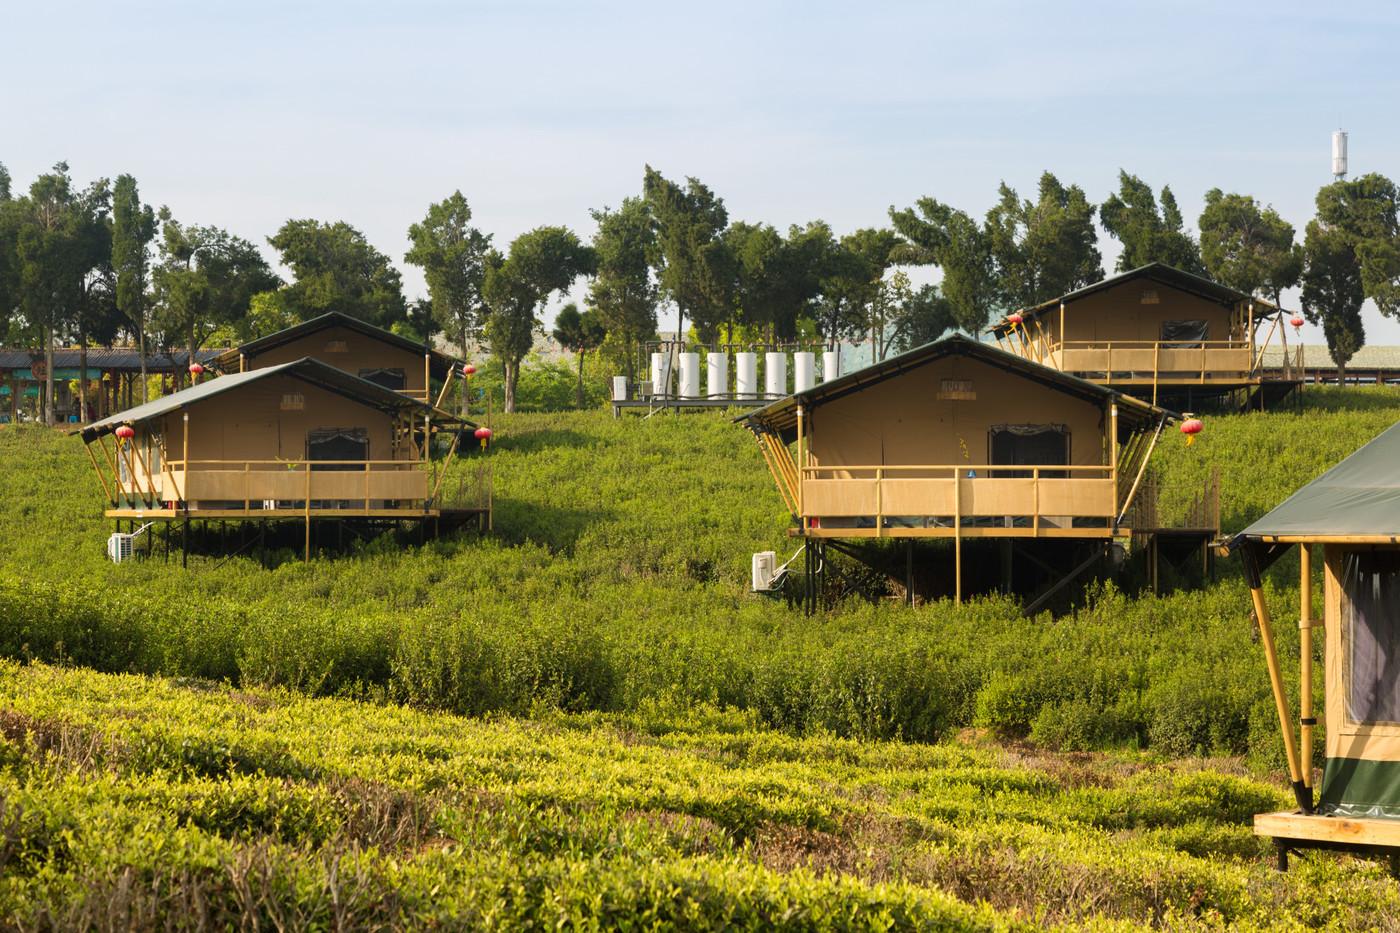 喜马拉雅野奢帐篷酒店—江苏常州茅山宝盛园2期茶田帐篷酒店3